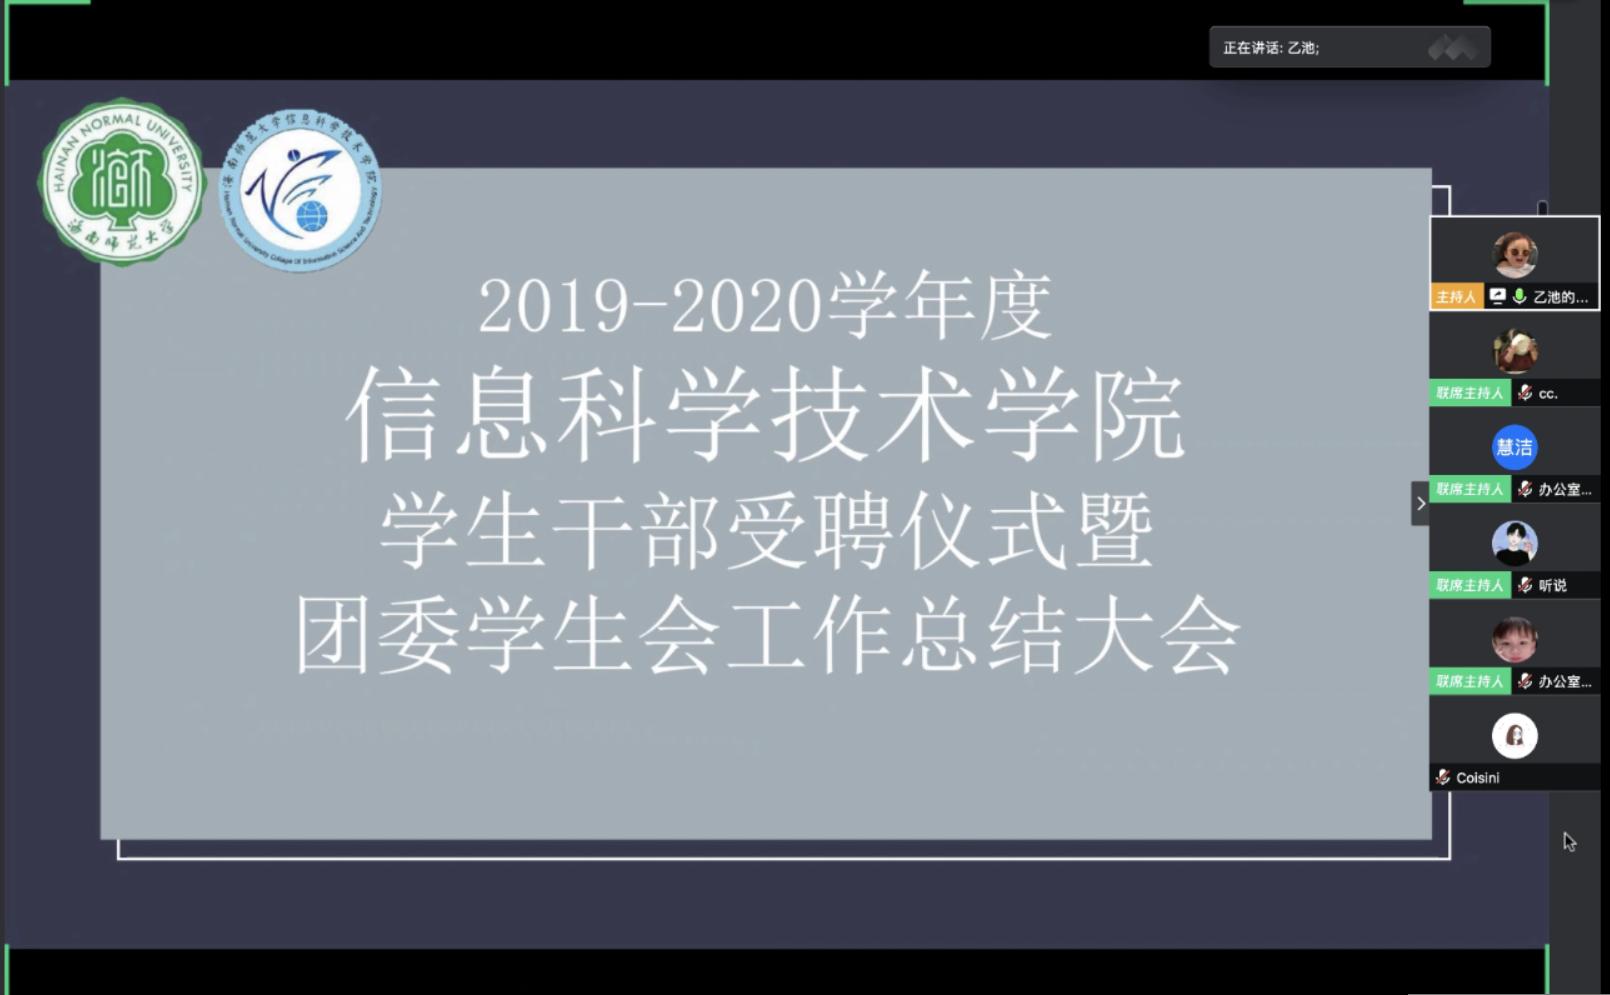 公海赌船官方网站2019-2020学年度团委学生会总结大会